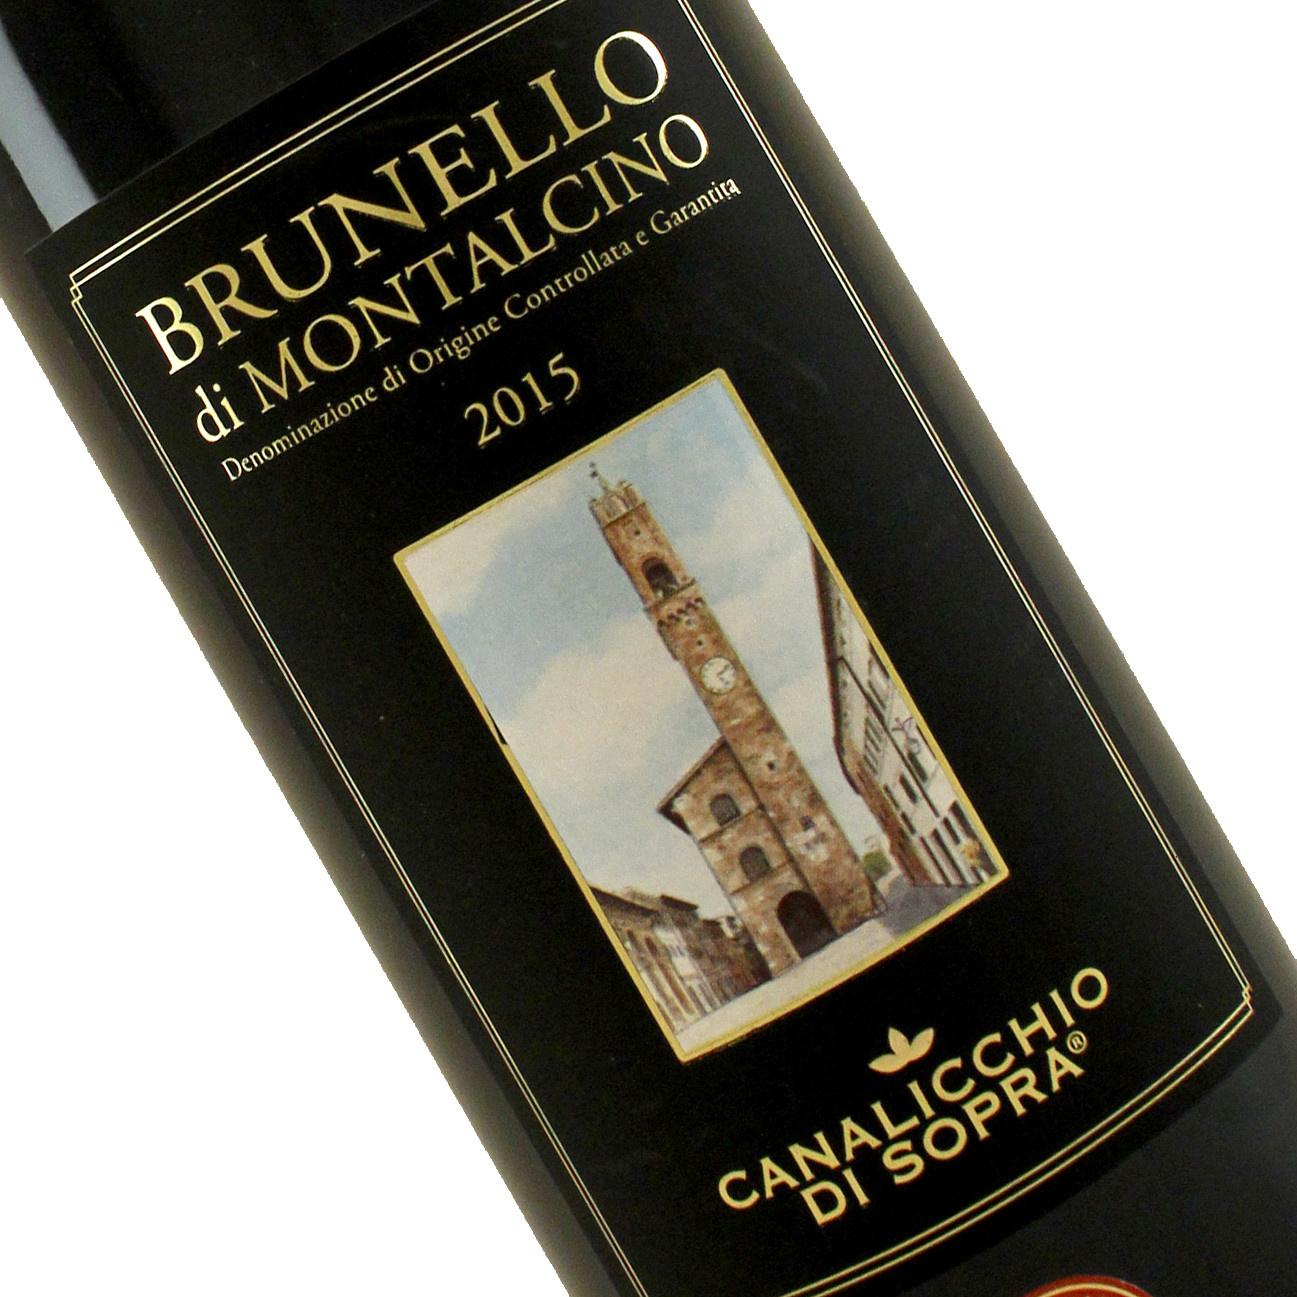 Canalicchio Di Sopra 2015 Brunello di Montalcino, Tuscany